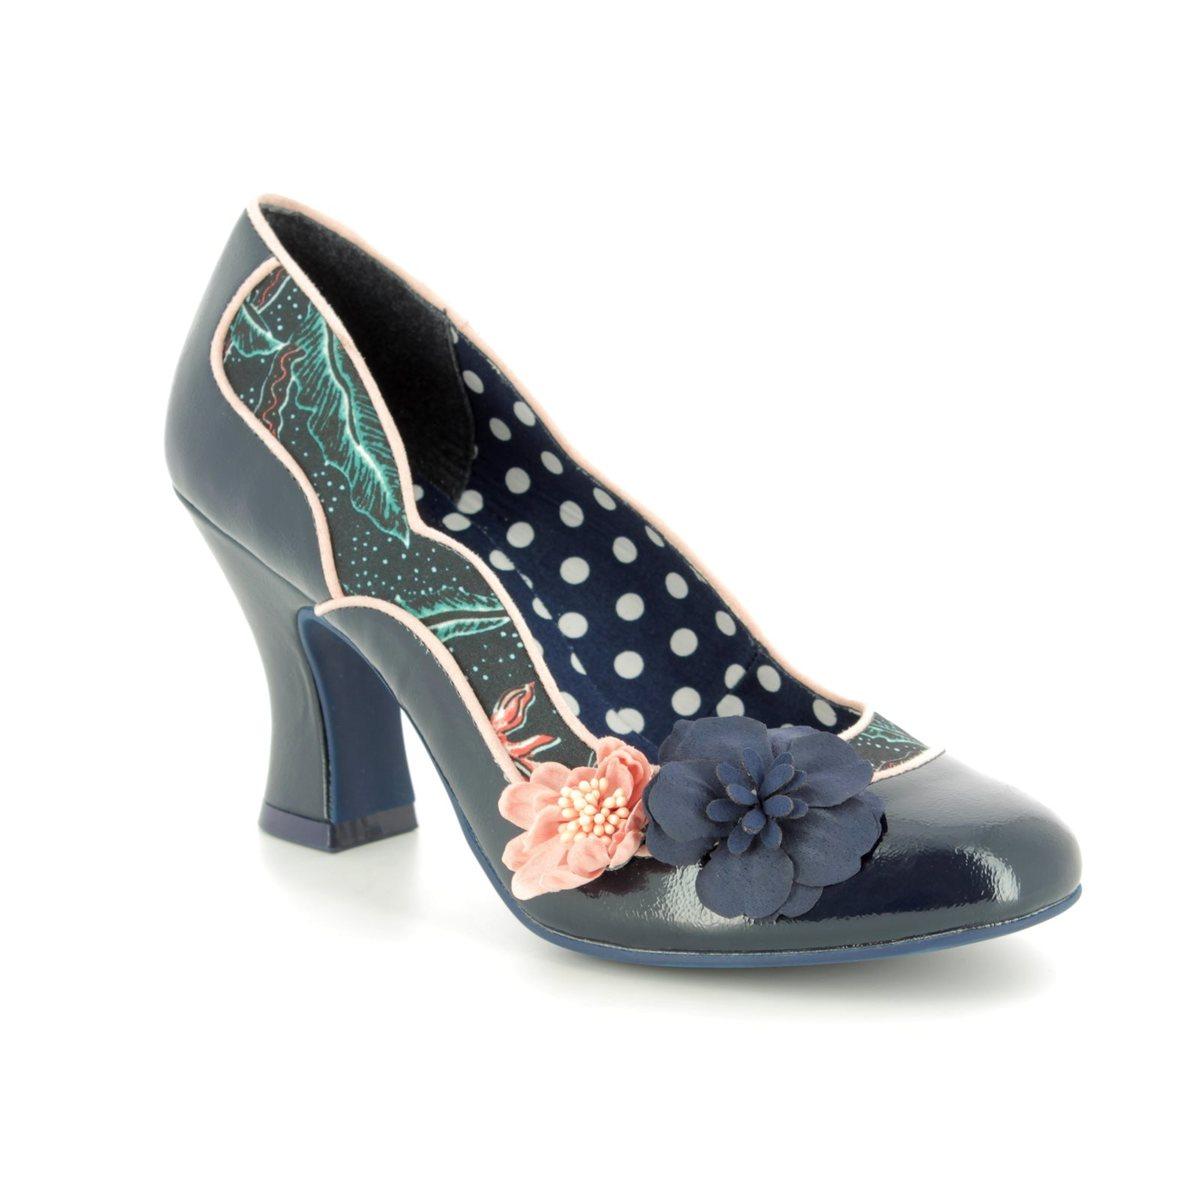 3536d07b Ruby Shoo High-heeled Shoes - Navy - 09184/70 VIOLA